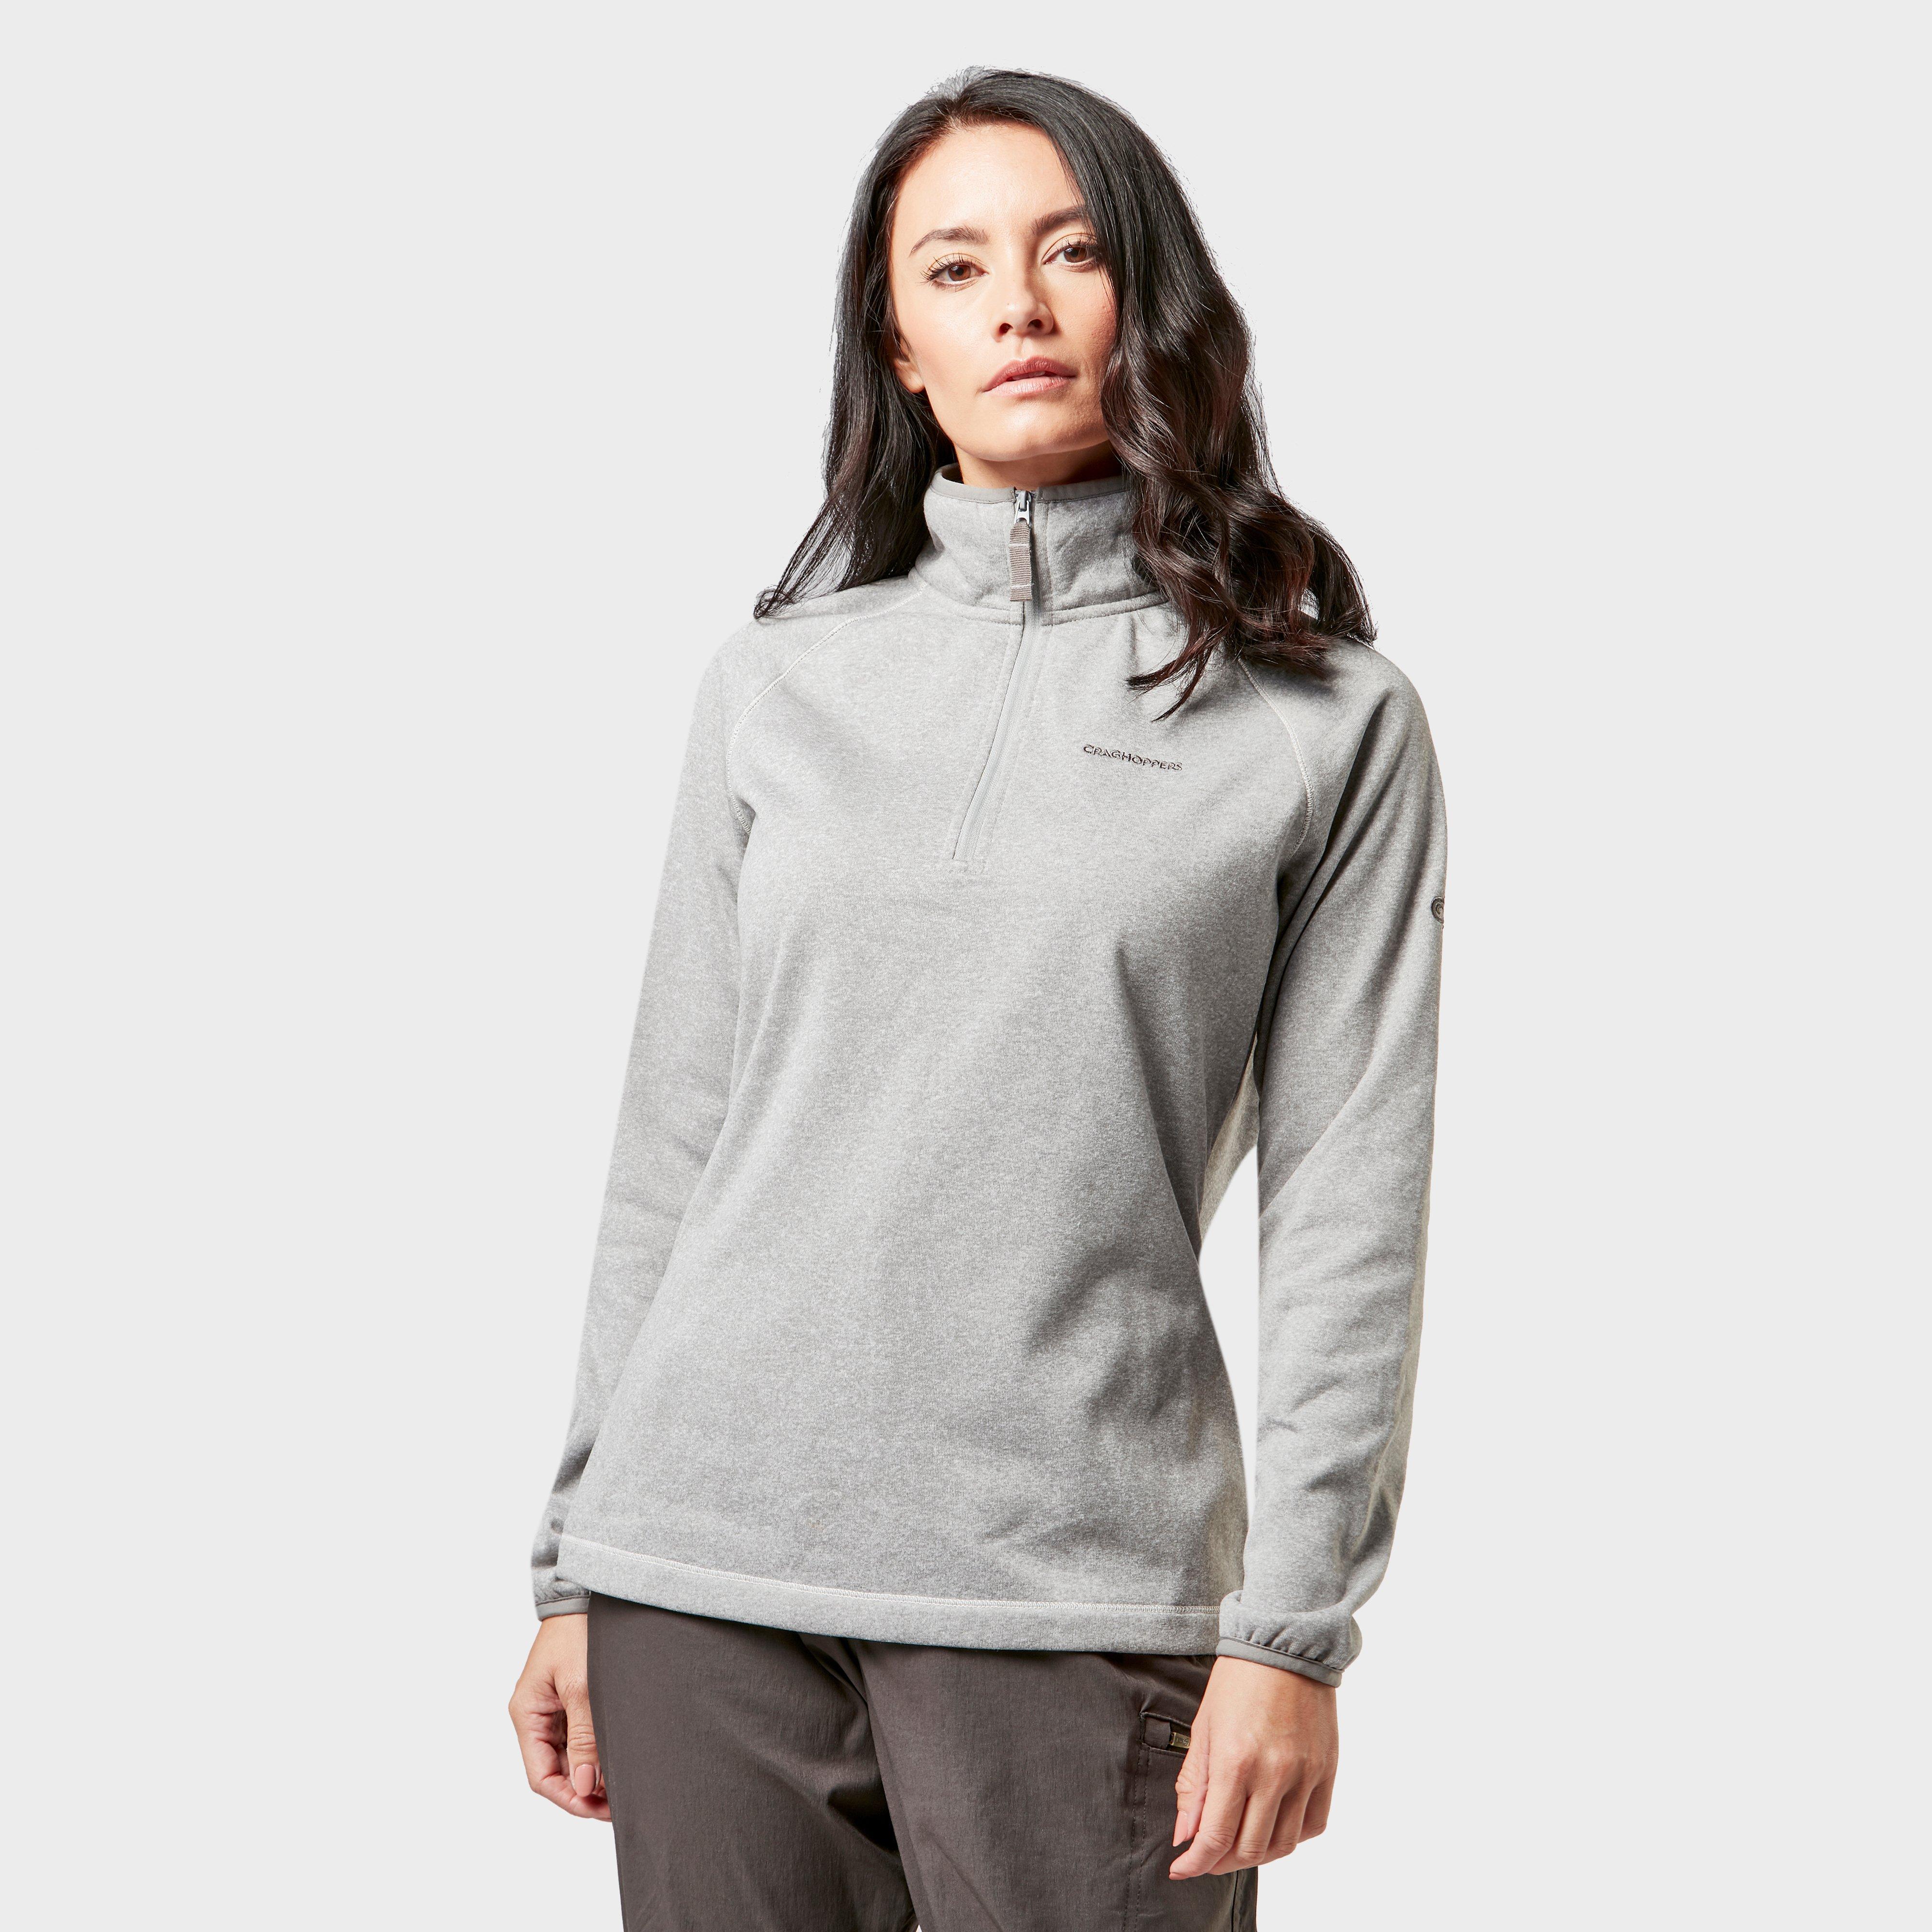 Craghoppers Craghoppers womens Delacey Half-Zip Fleece - Grey, Grey